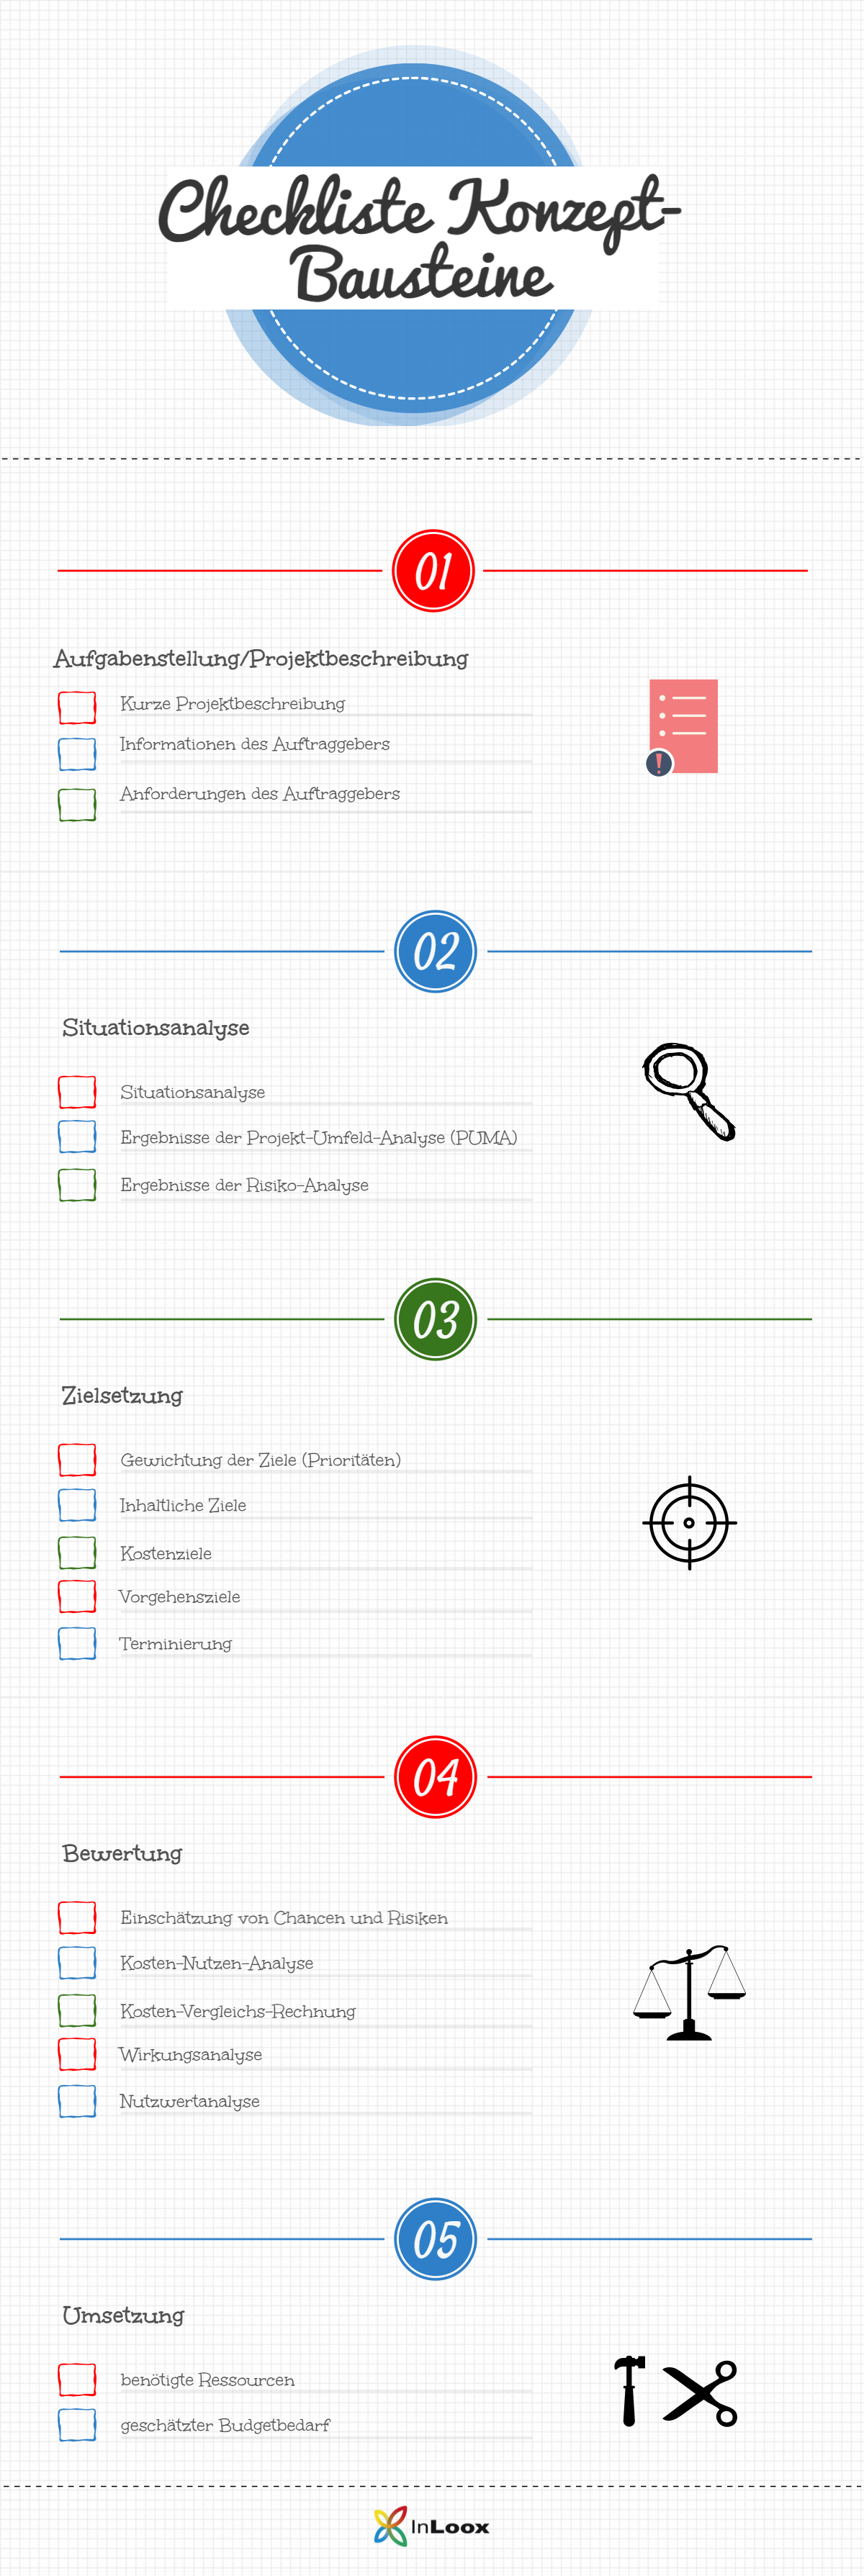 Checkliste Konzept-Bausteine